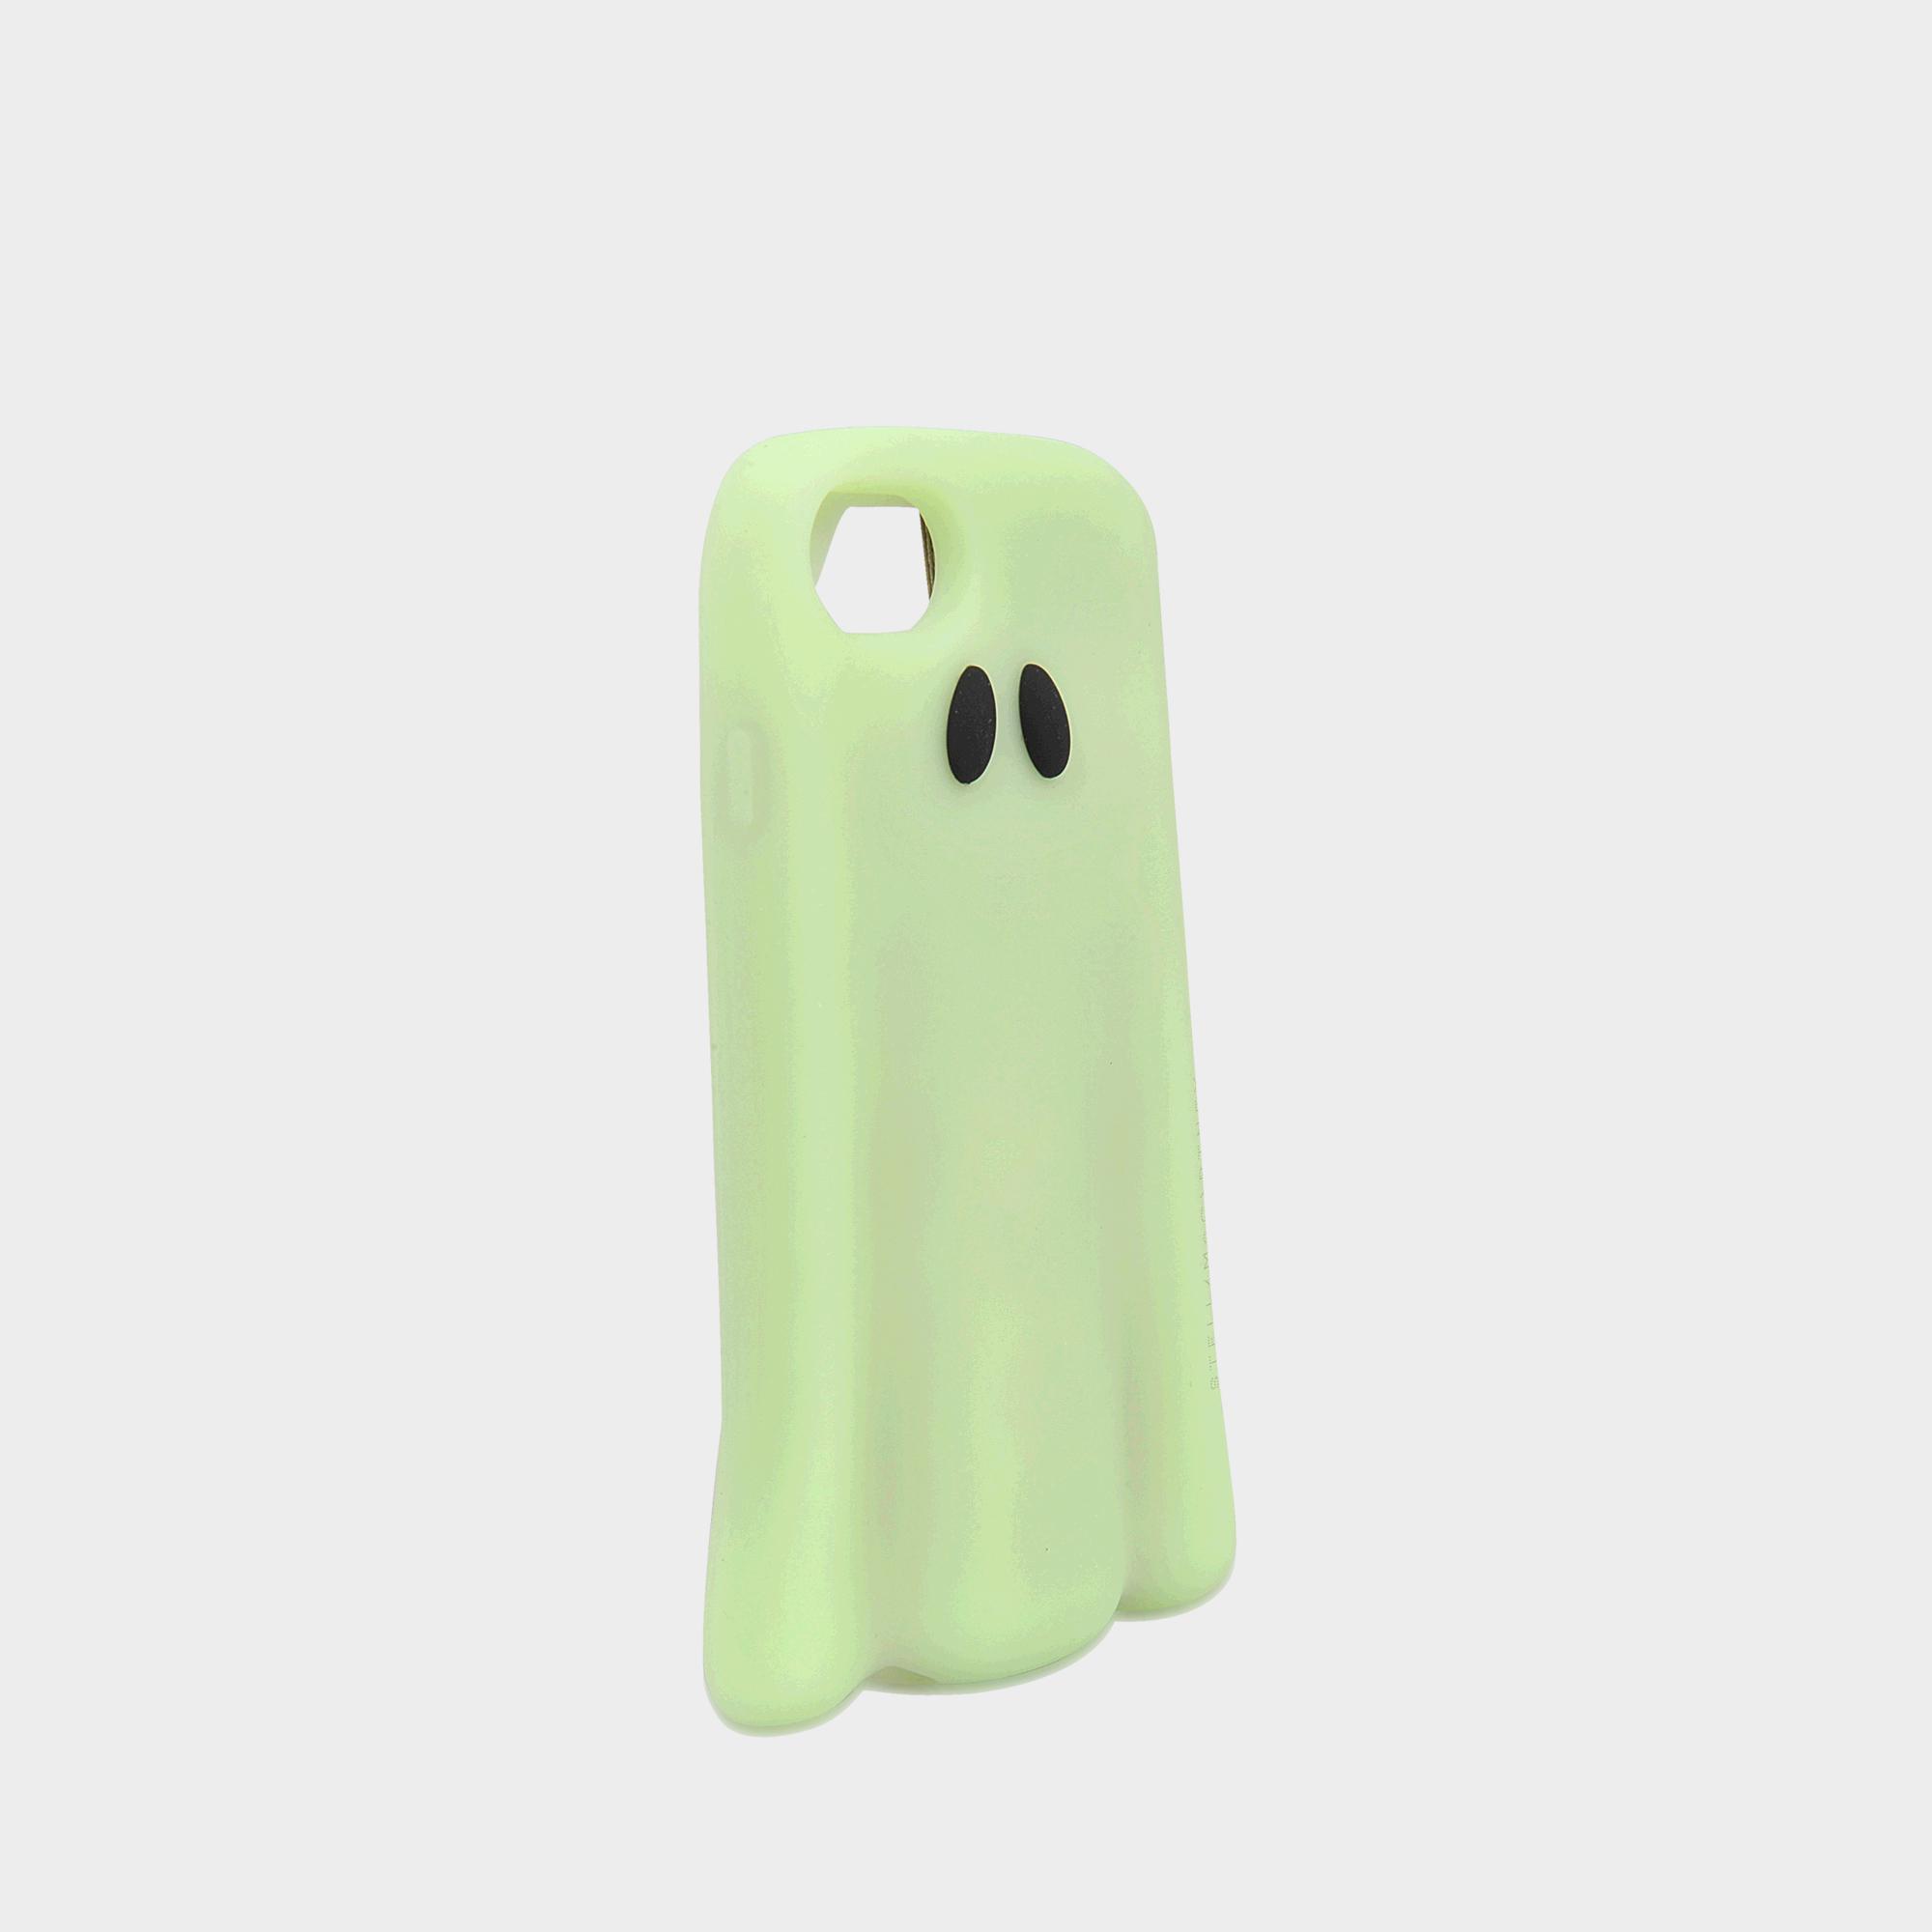 Stella McCartney Ghost iPhone 7 Cover - Case  Di Pierro Brand Store